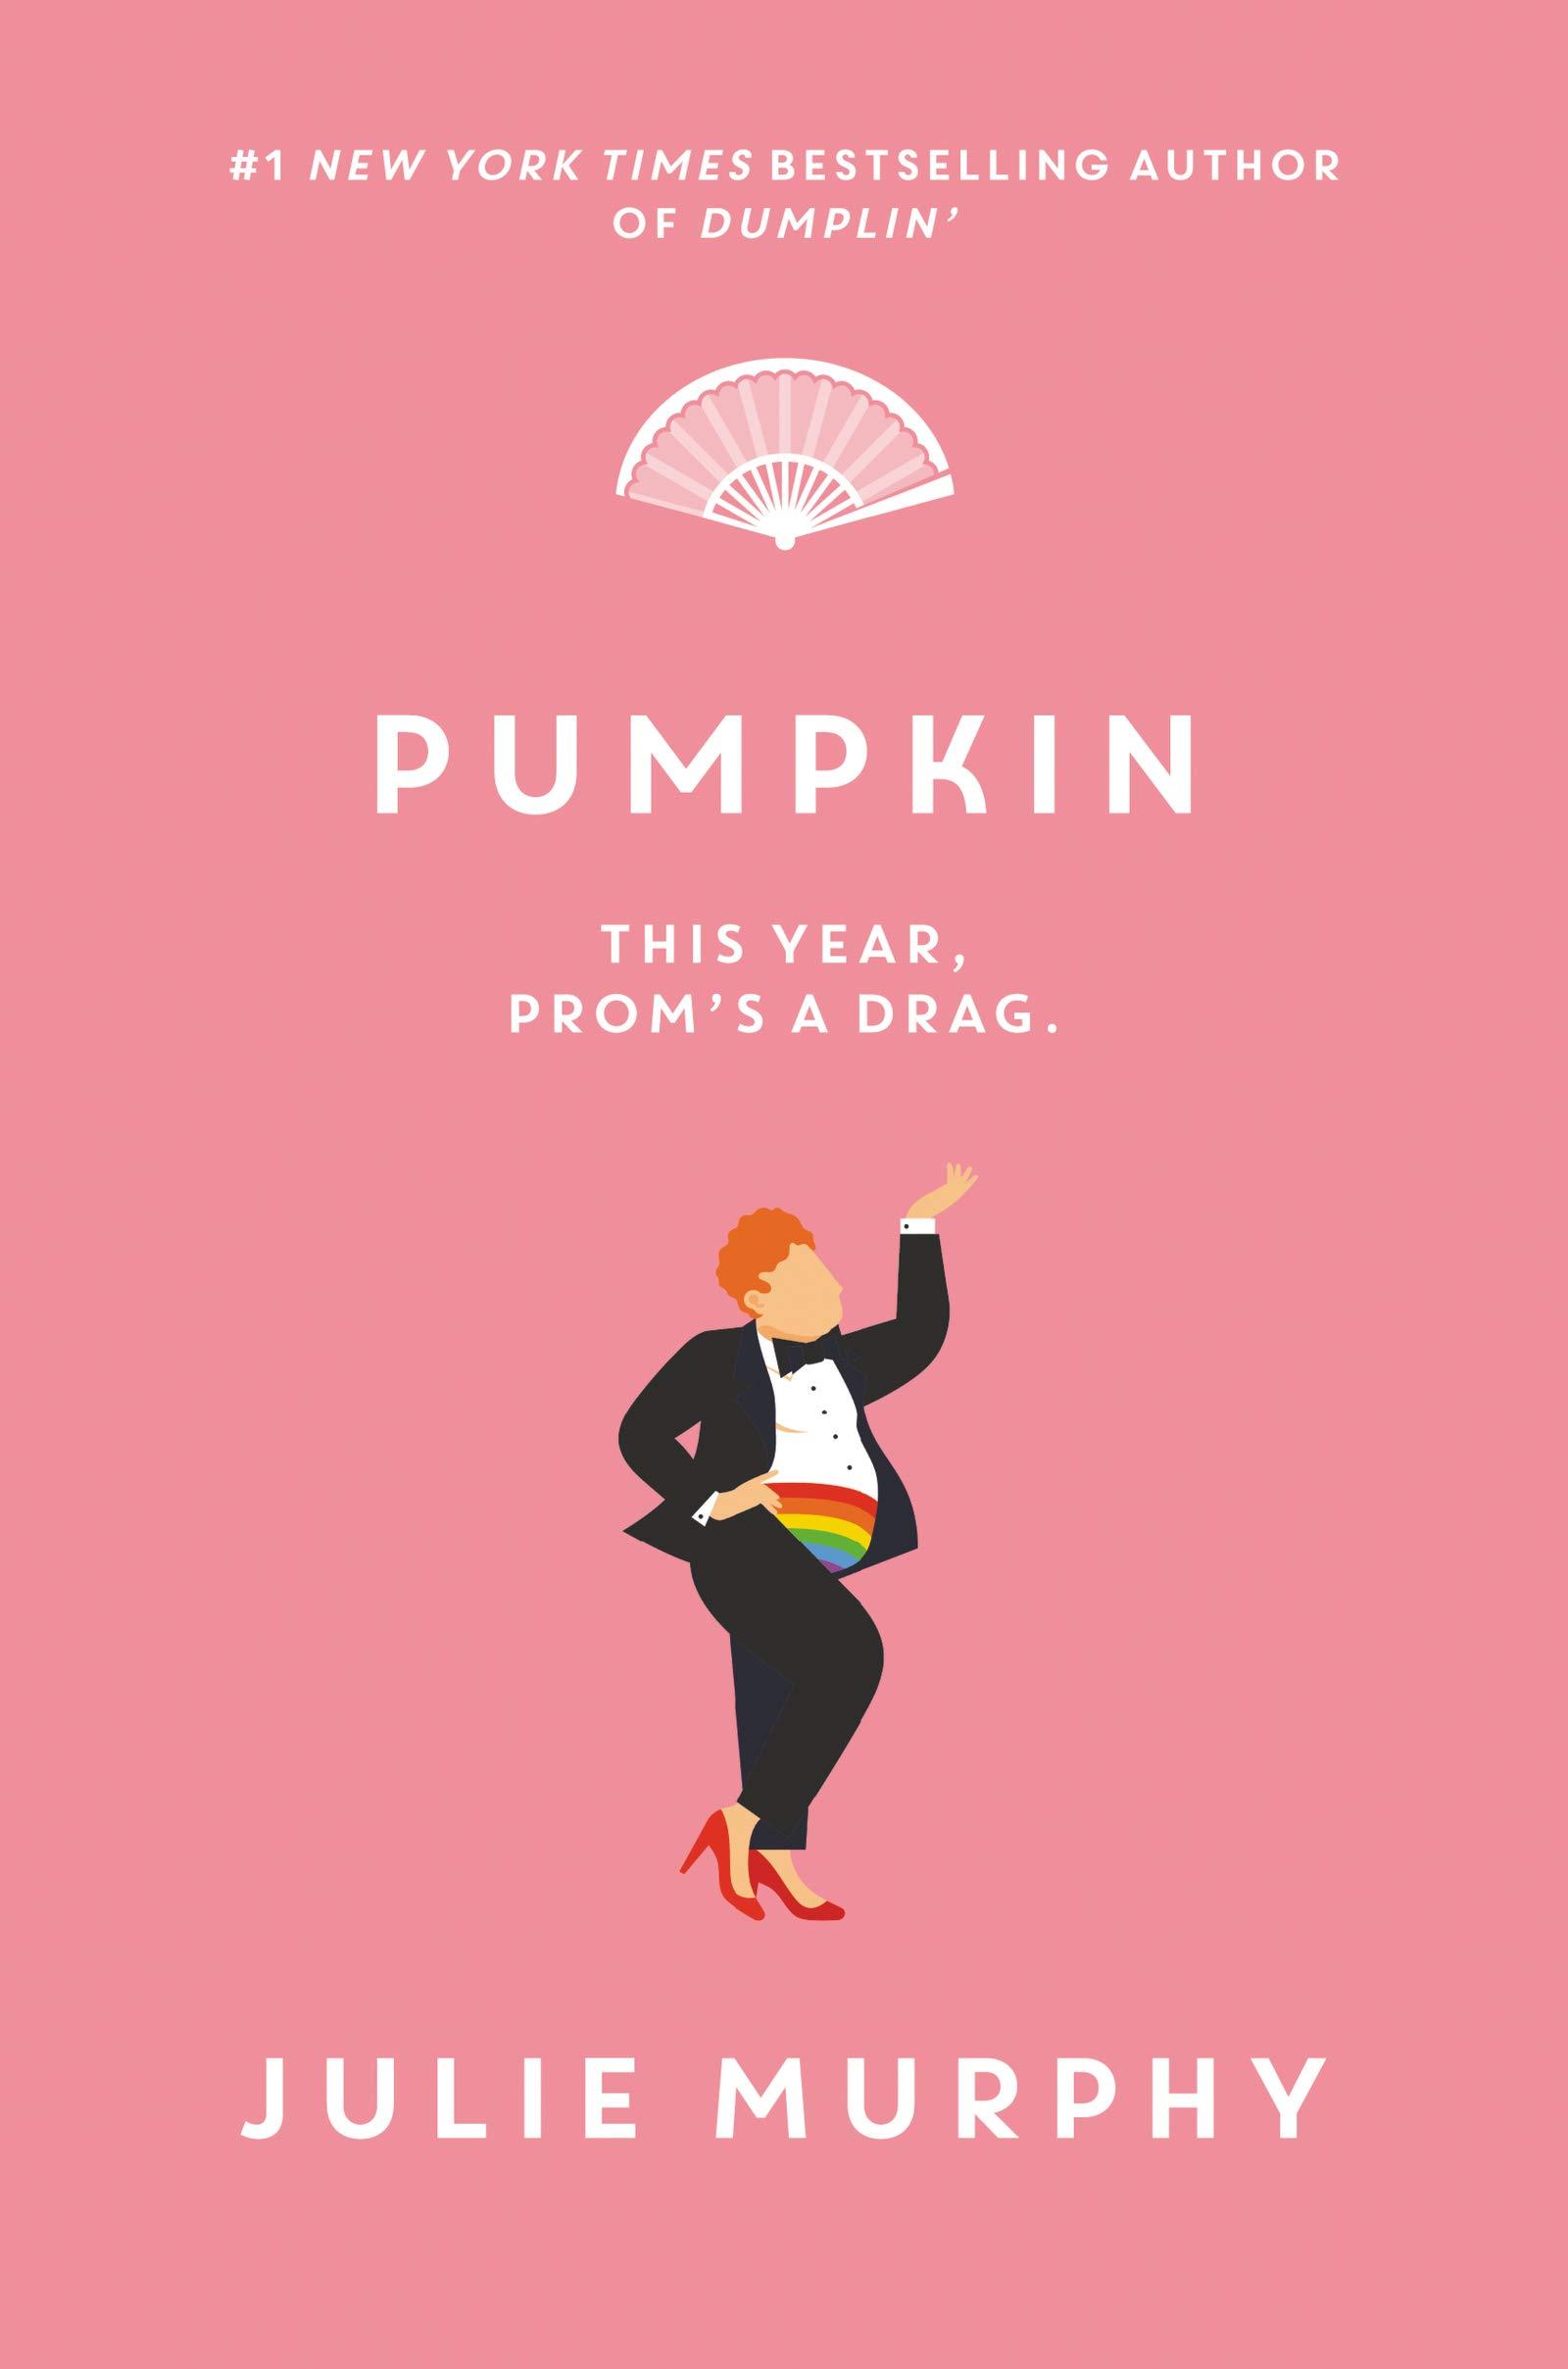 Pumpkin by Julie Murphy